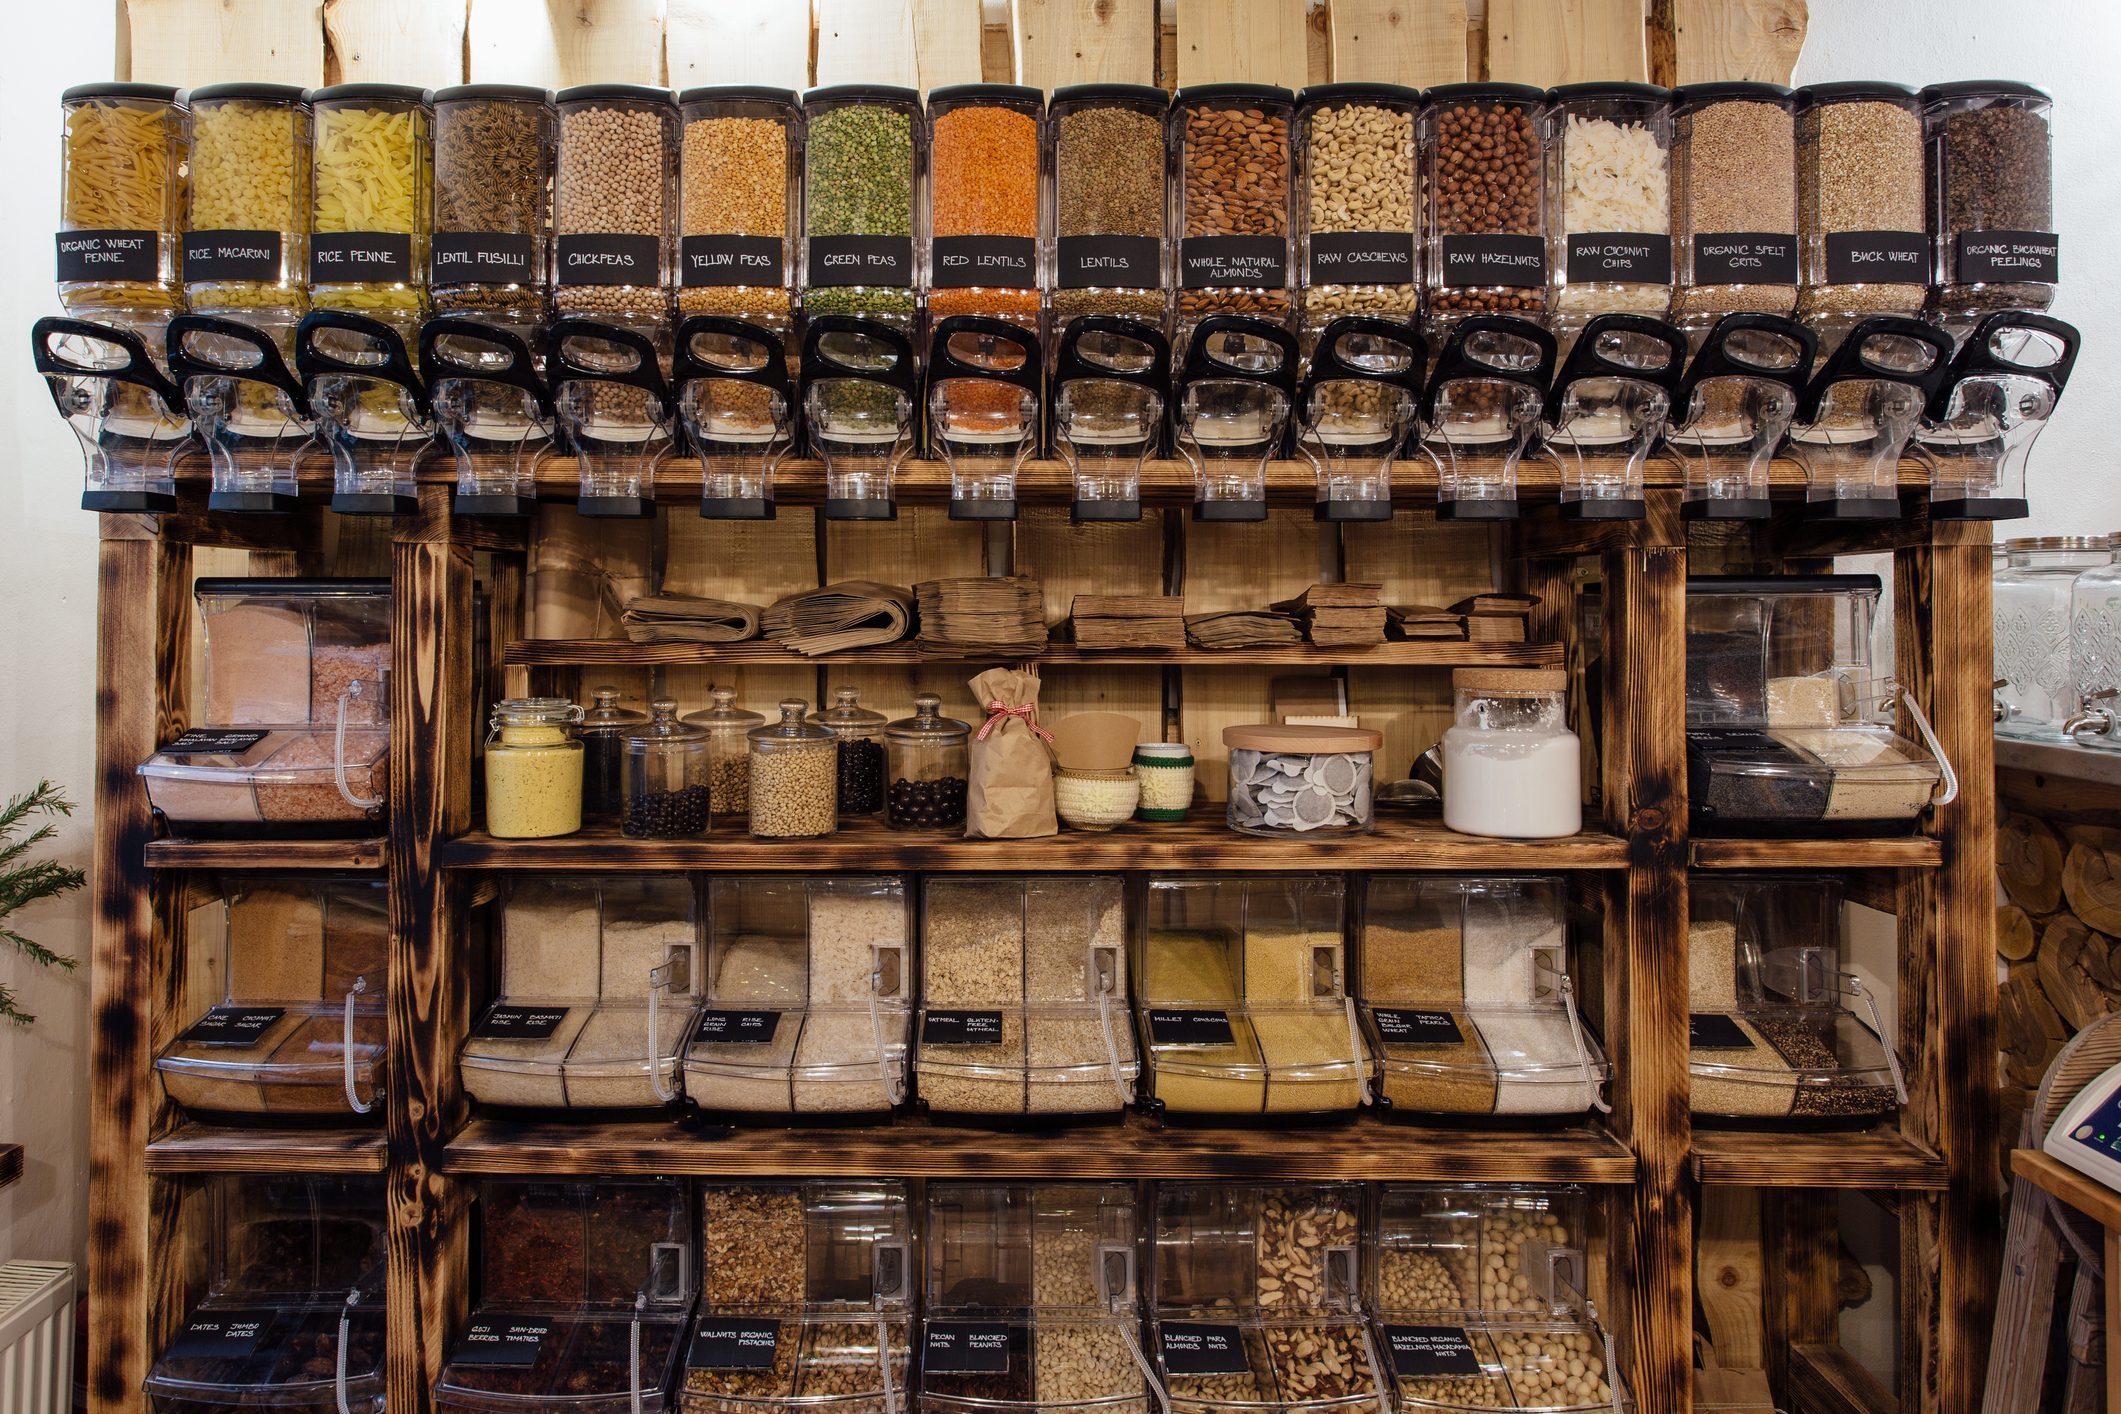 Negozi Per La Casa Milano negozi alla spina a milano: dove puoi comprare sfuso nel